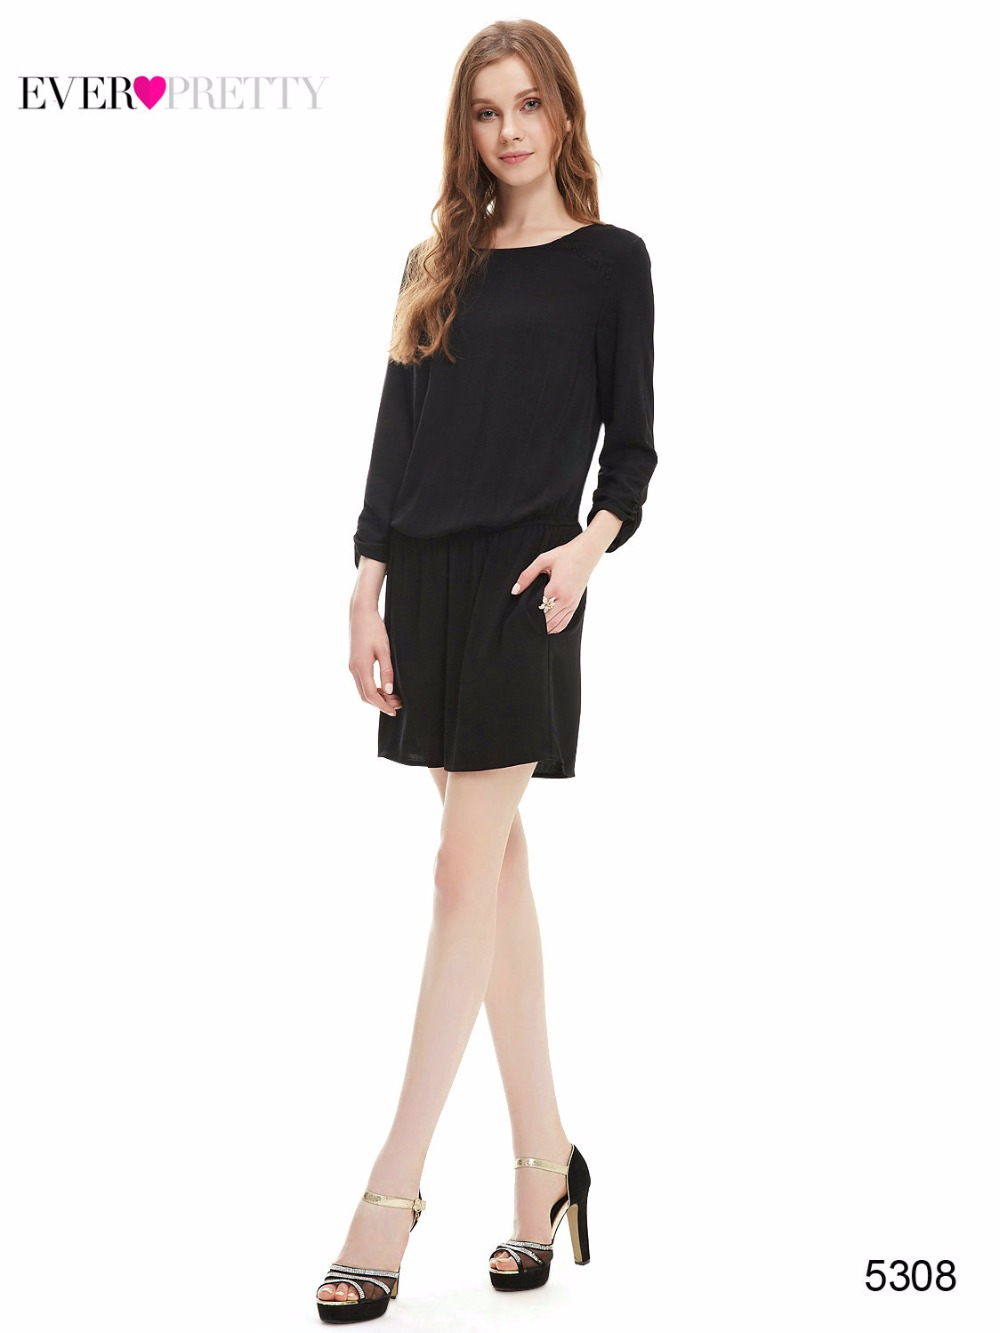 [해외][정리] 예쁜 여자 블랙 단색 우아한 칵테일 드레스 저렴한 드레스 빈티지 A 라인 짧은 파티 칵테일 드레스/[Clearance ] Ever Pretty Women Black Solid Elegant Cocktail Dresses Cheap Dress Vintag